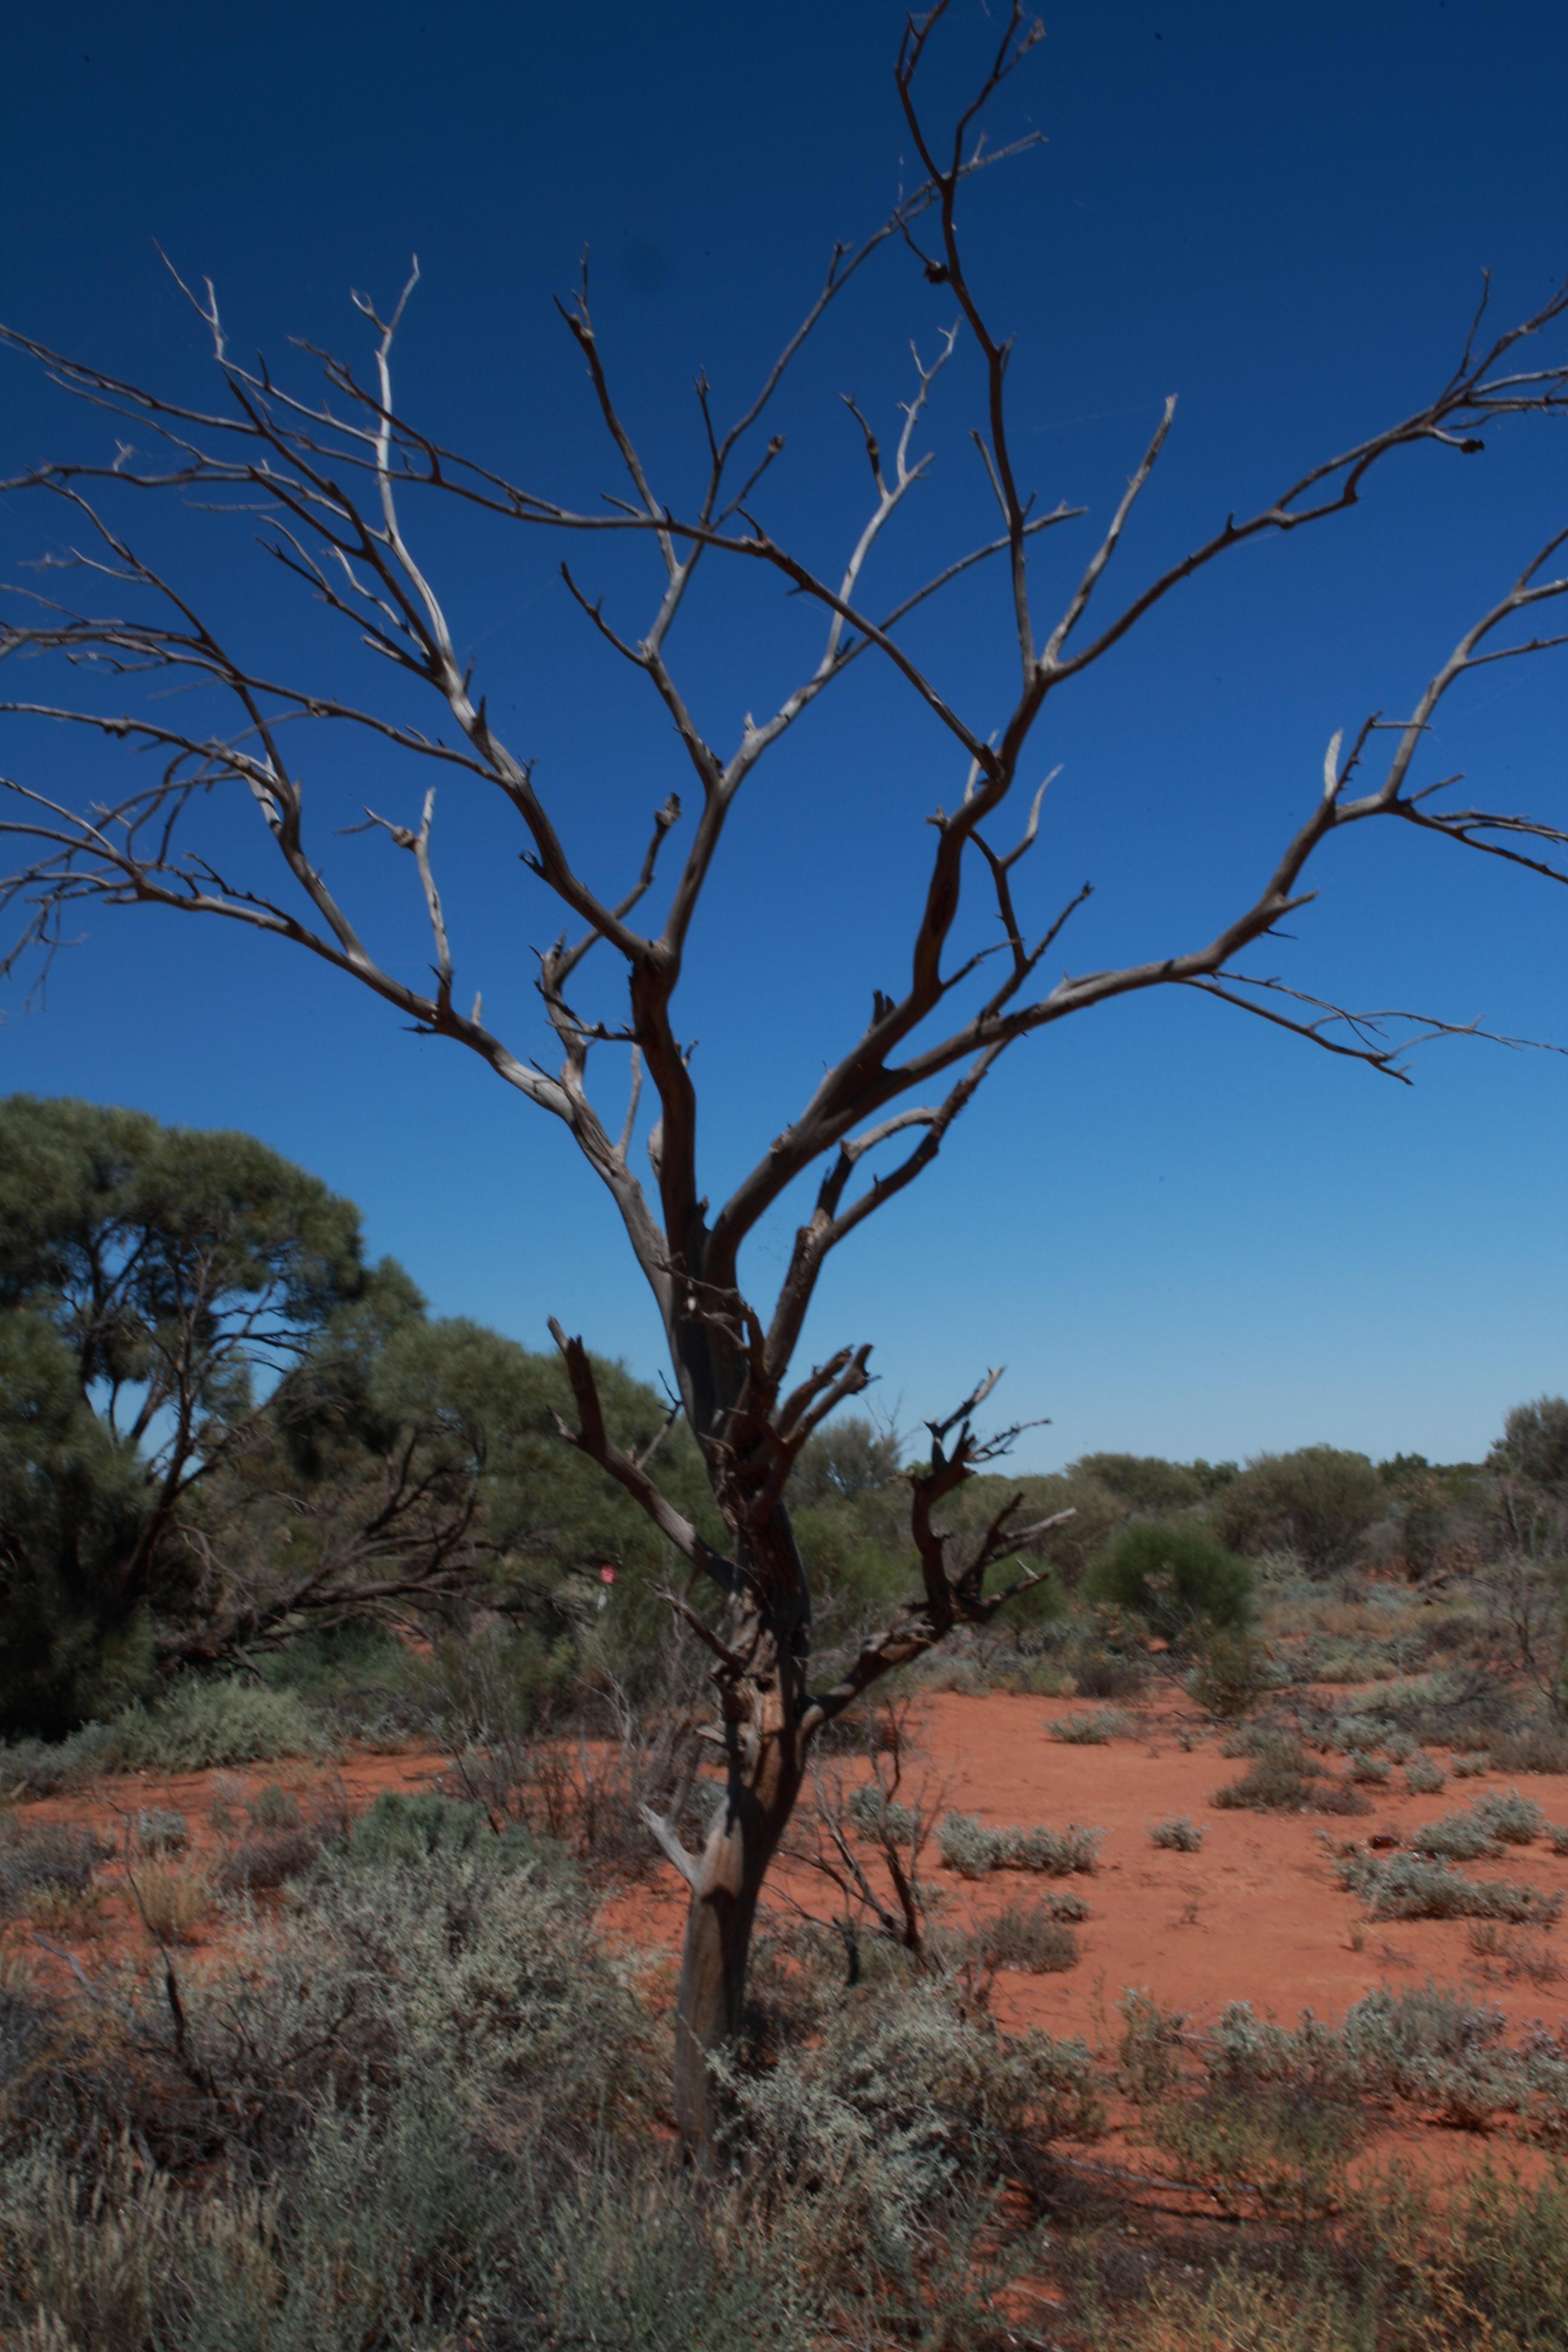 Australia_Outback_10